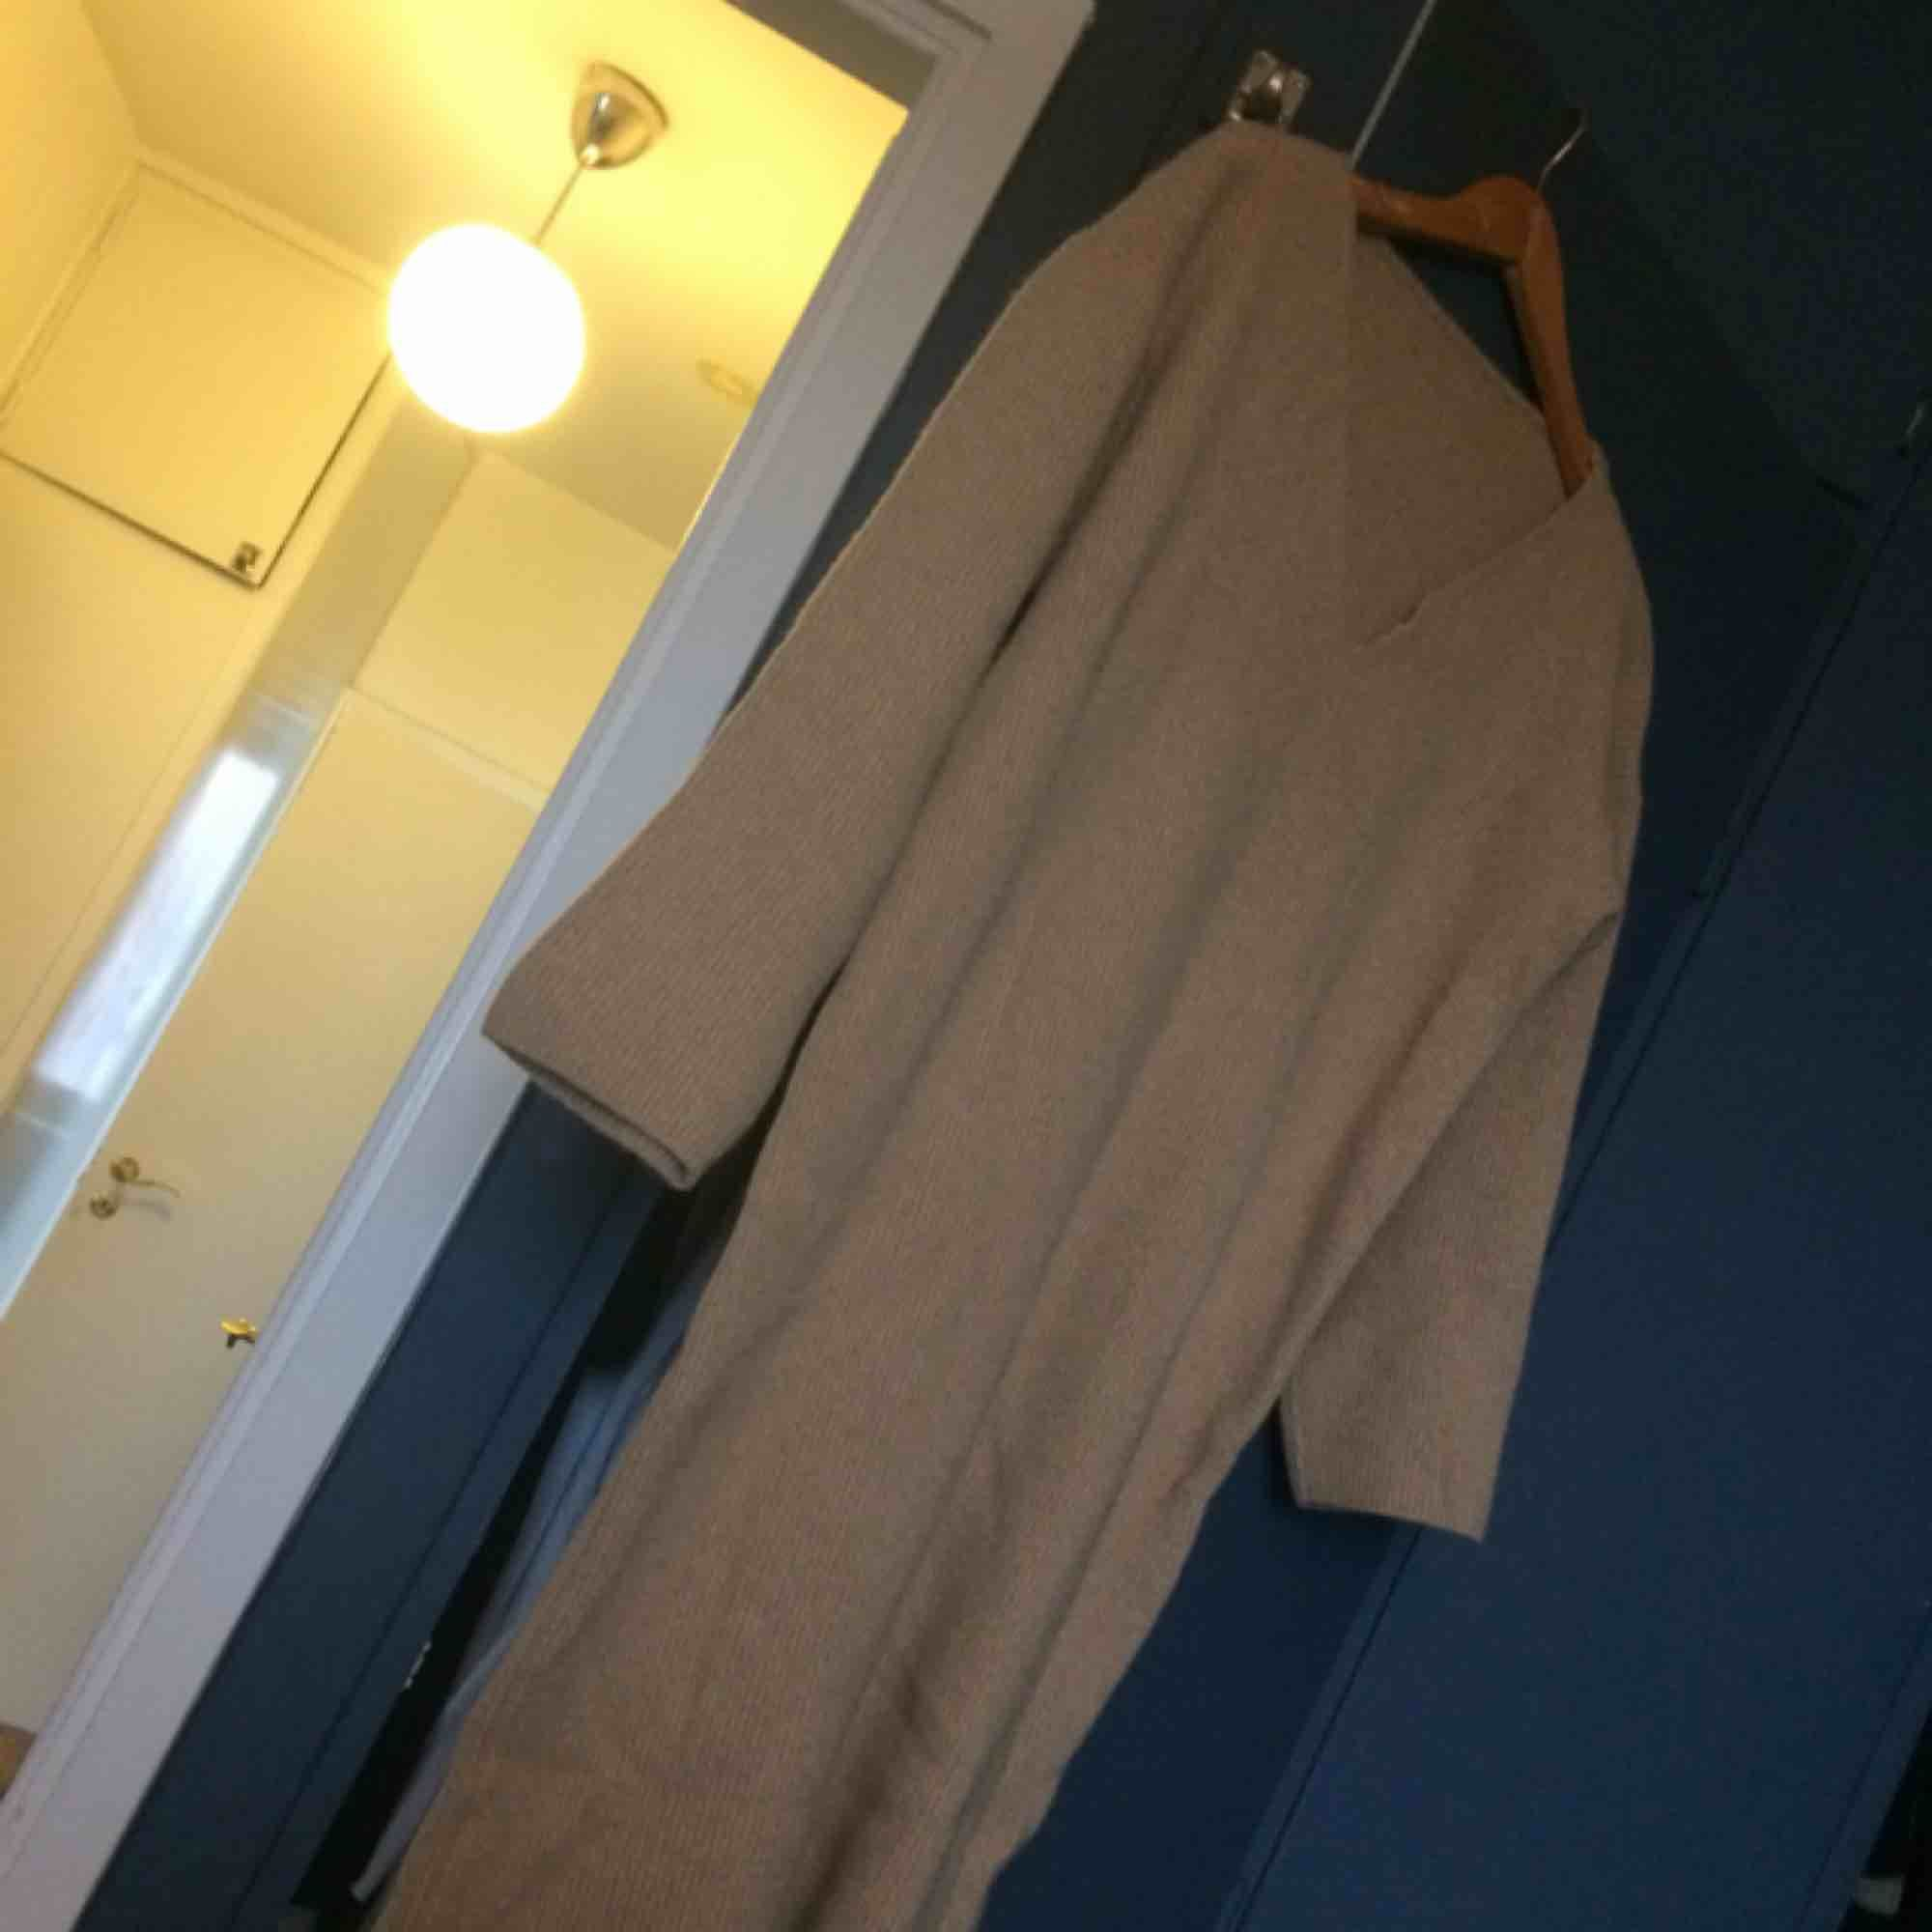 0ef830fbefa Superskön mysig tröja funkar med både jeans eller strumpbyxor under. Värmer  väldigt bra! Ingen ...